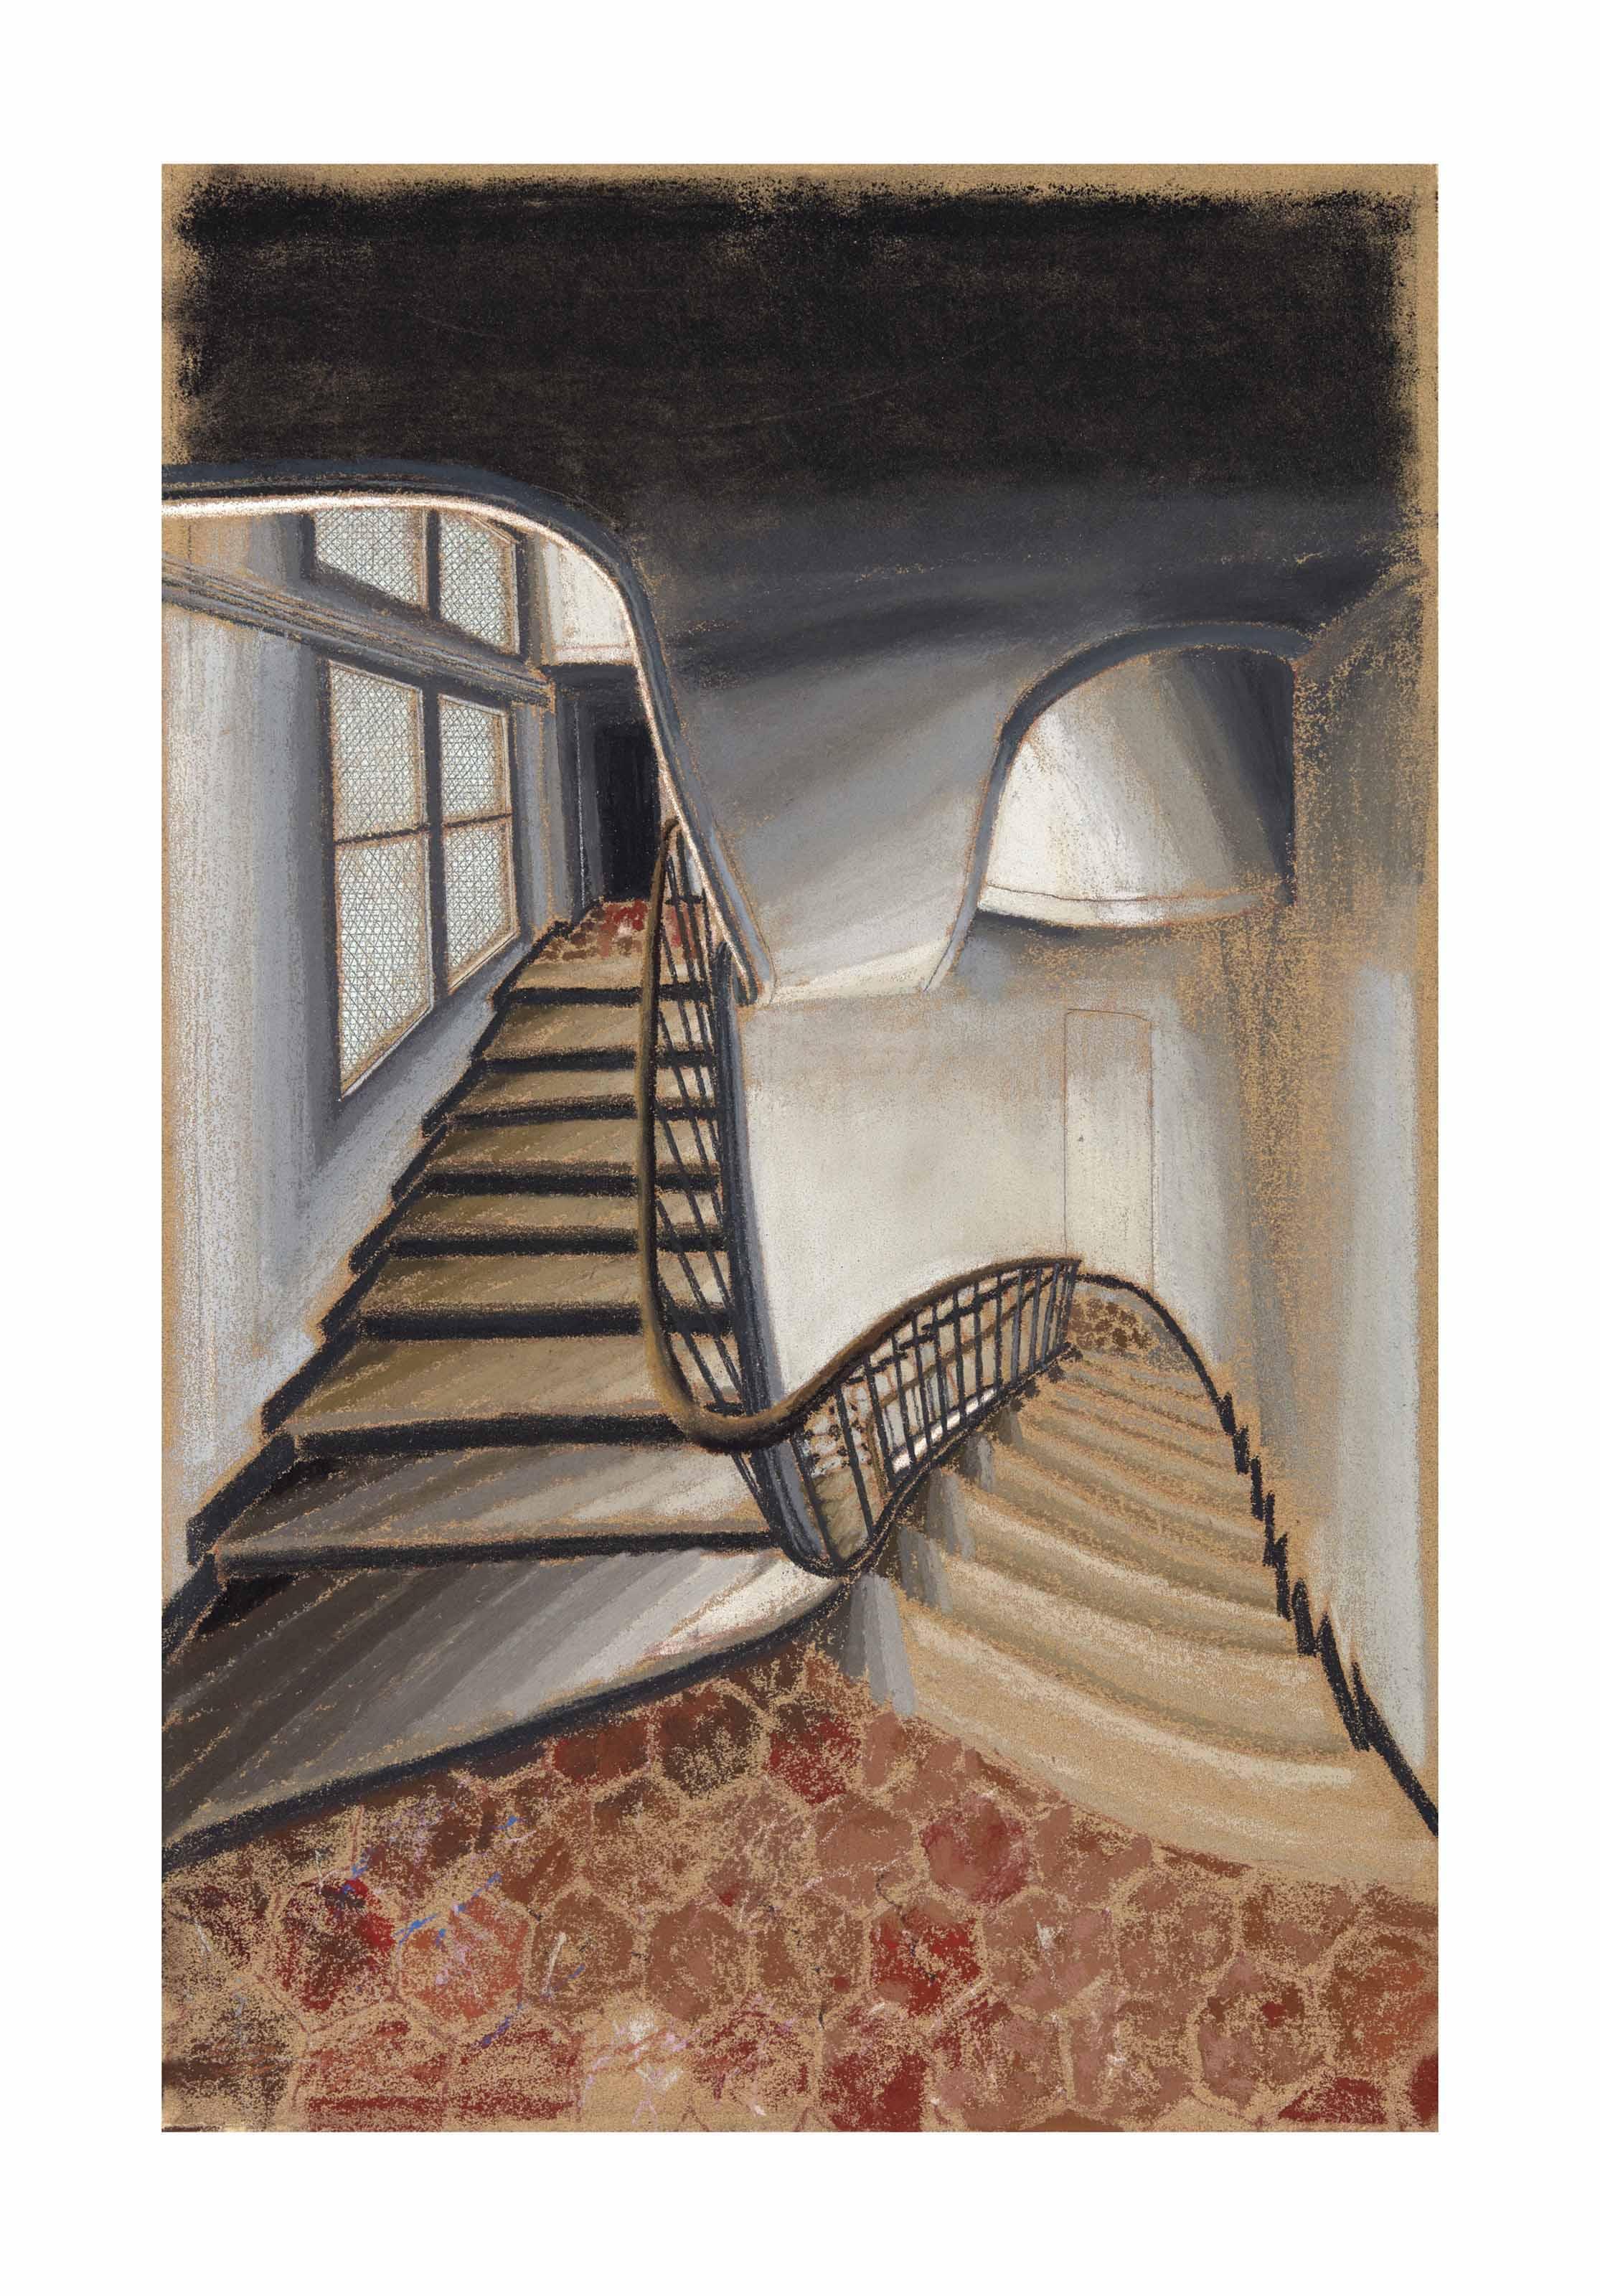 Escalier et intérieur